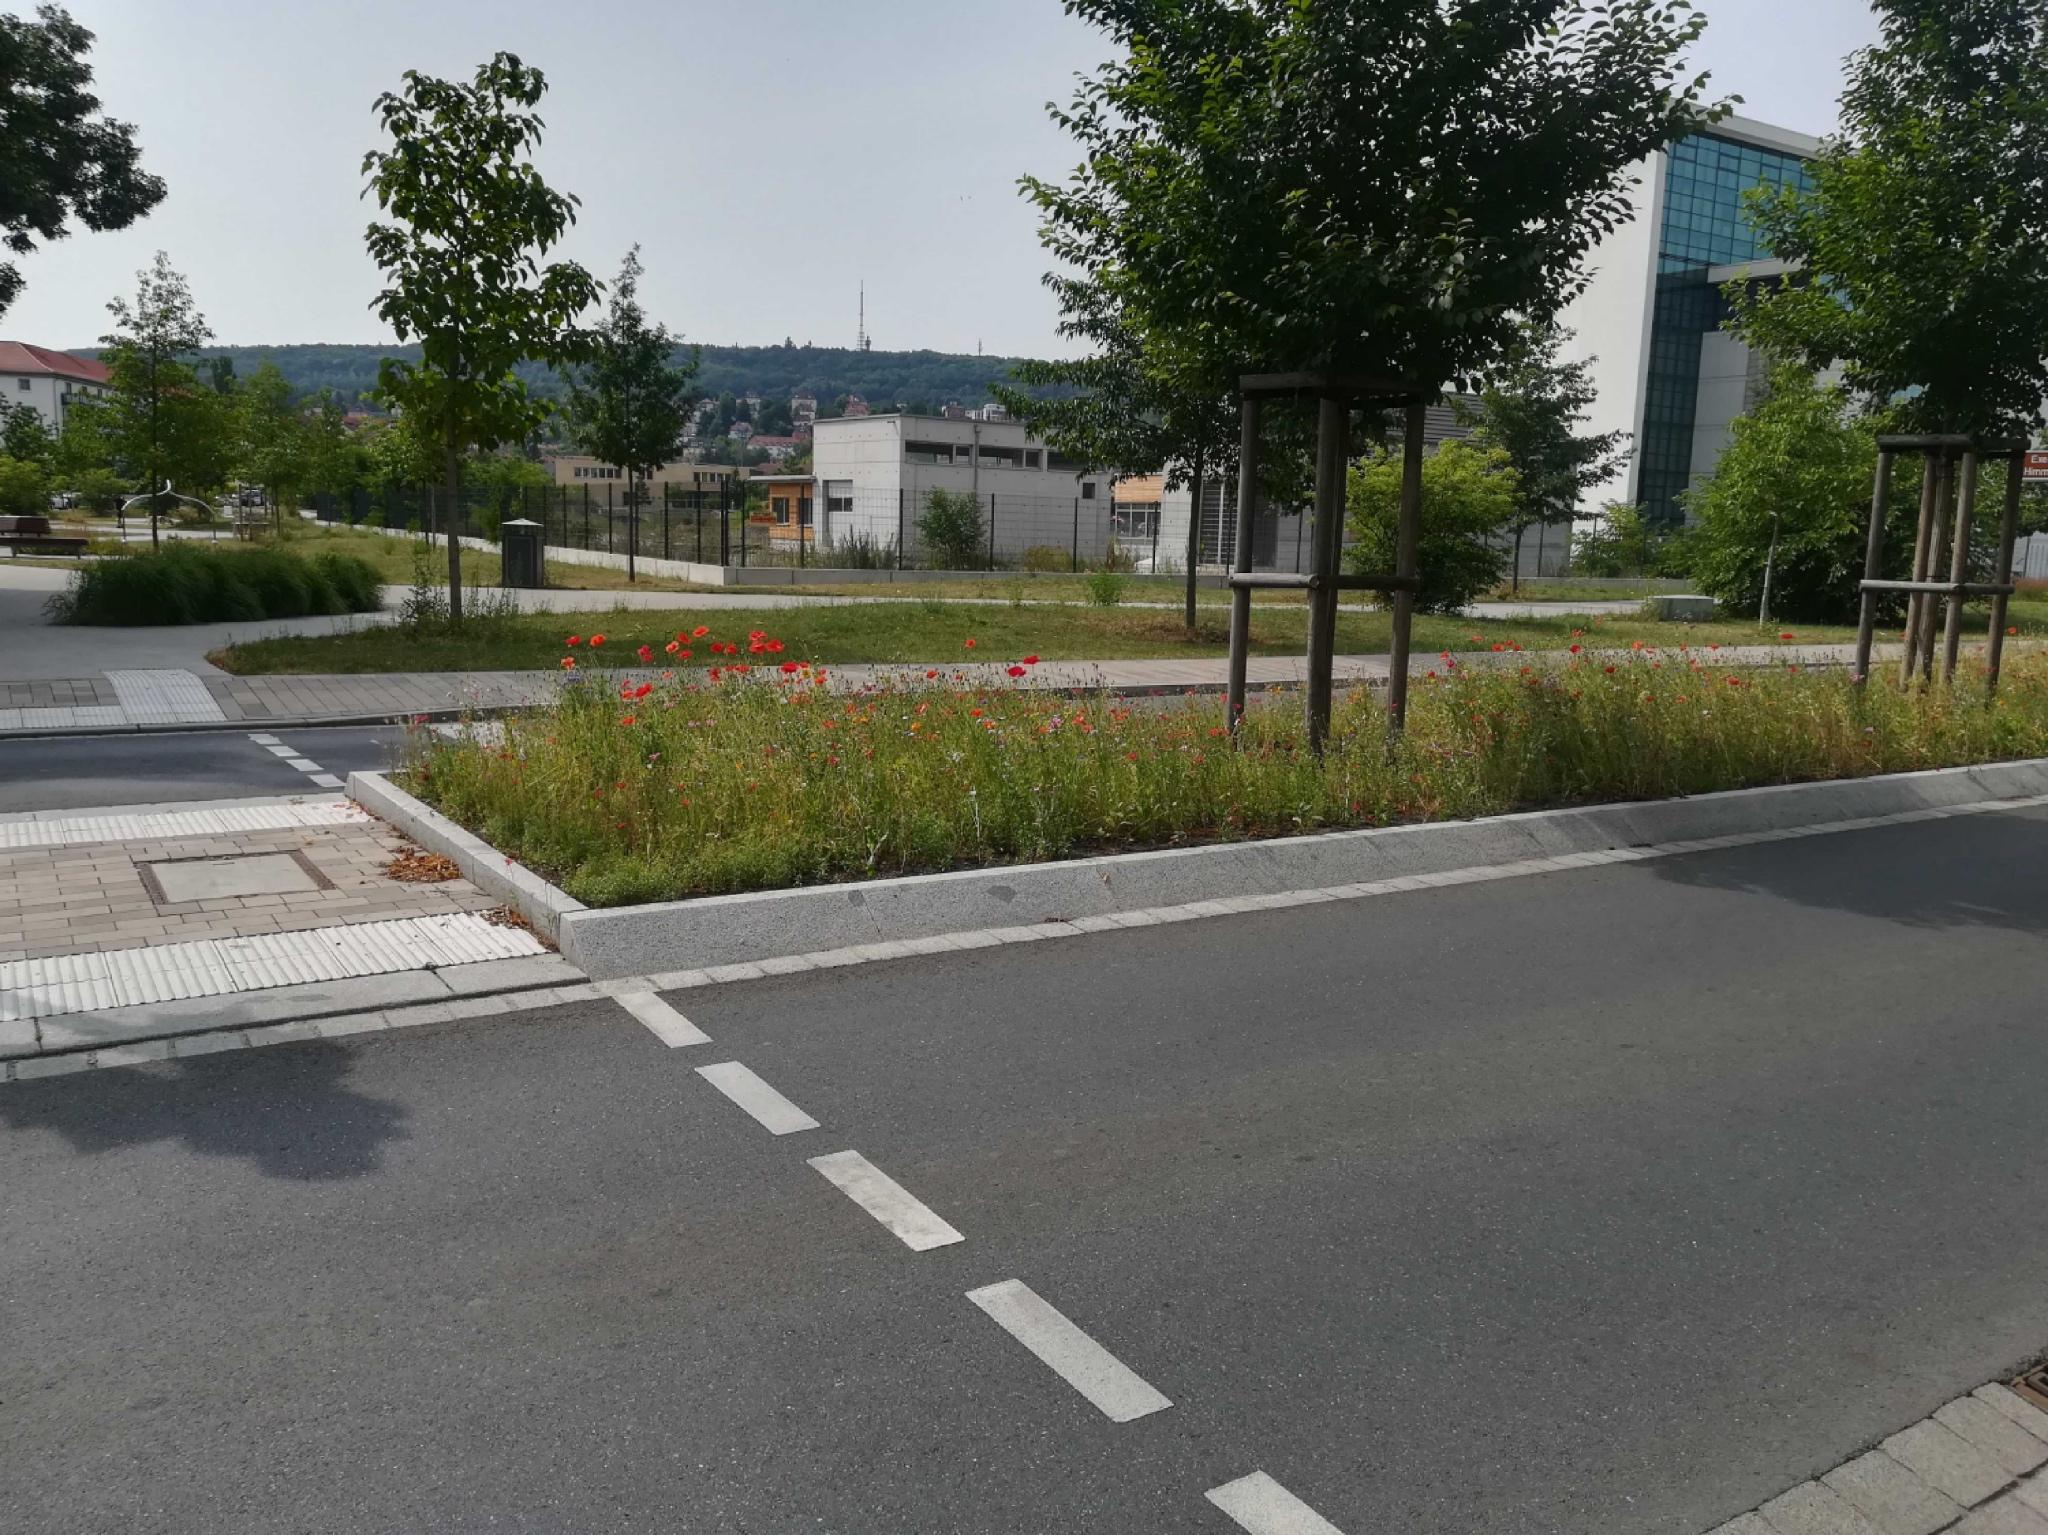 In der Mainaustraße in Würzburg sind Verkehrsinseln bereits bienenfreundliche bepflanzt worden. Foto: Jessica Hänse